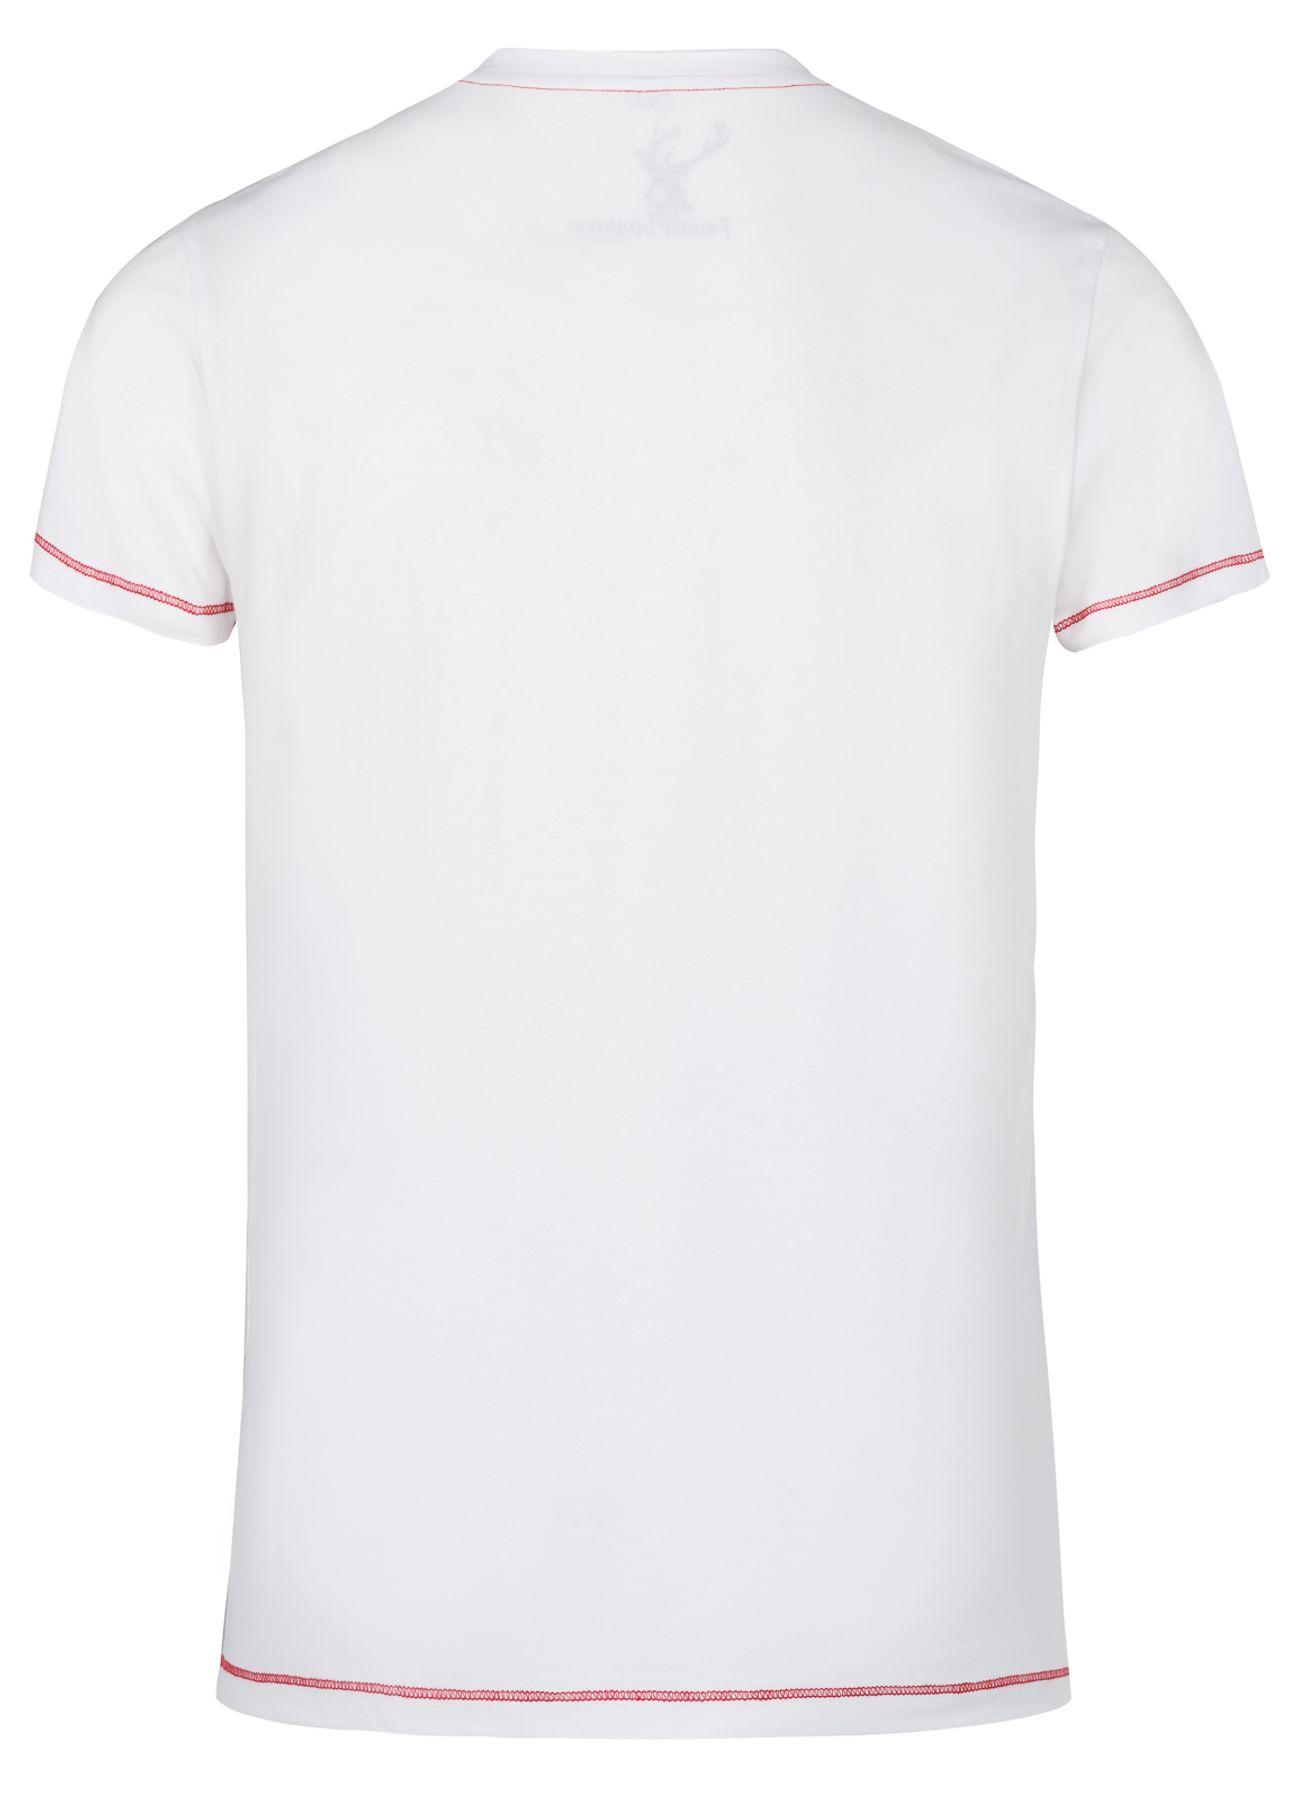 Spieth & Wensky - Herren Trachten T-shirt Gerno BaWü (292800-0021) – Bild 2